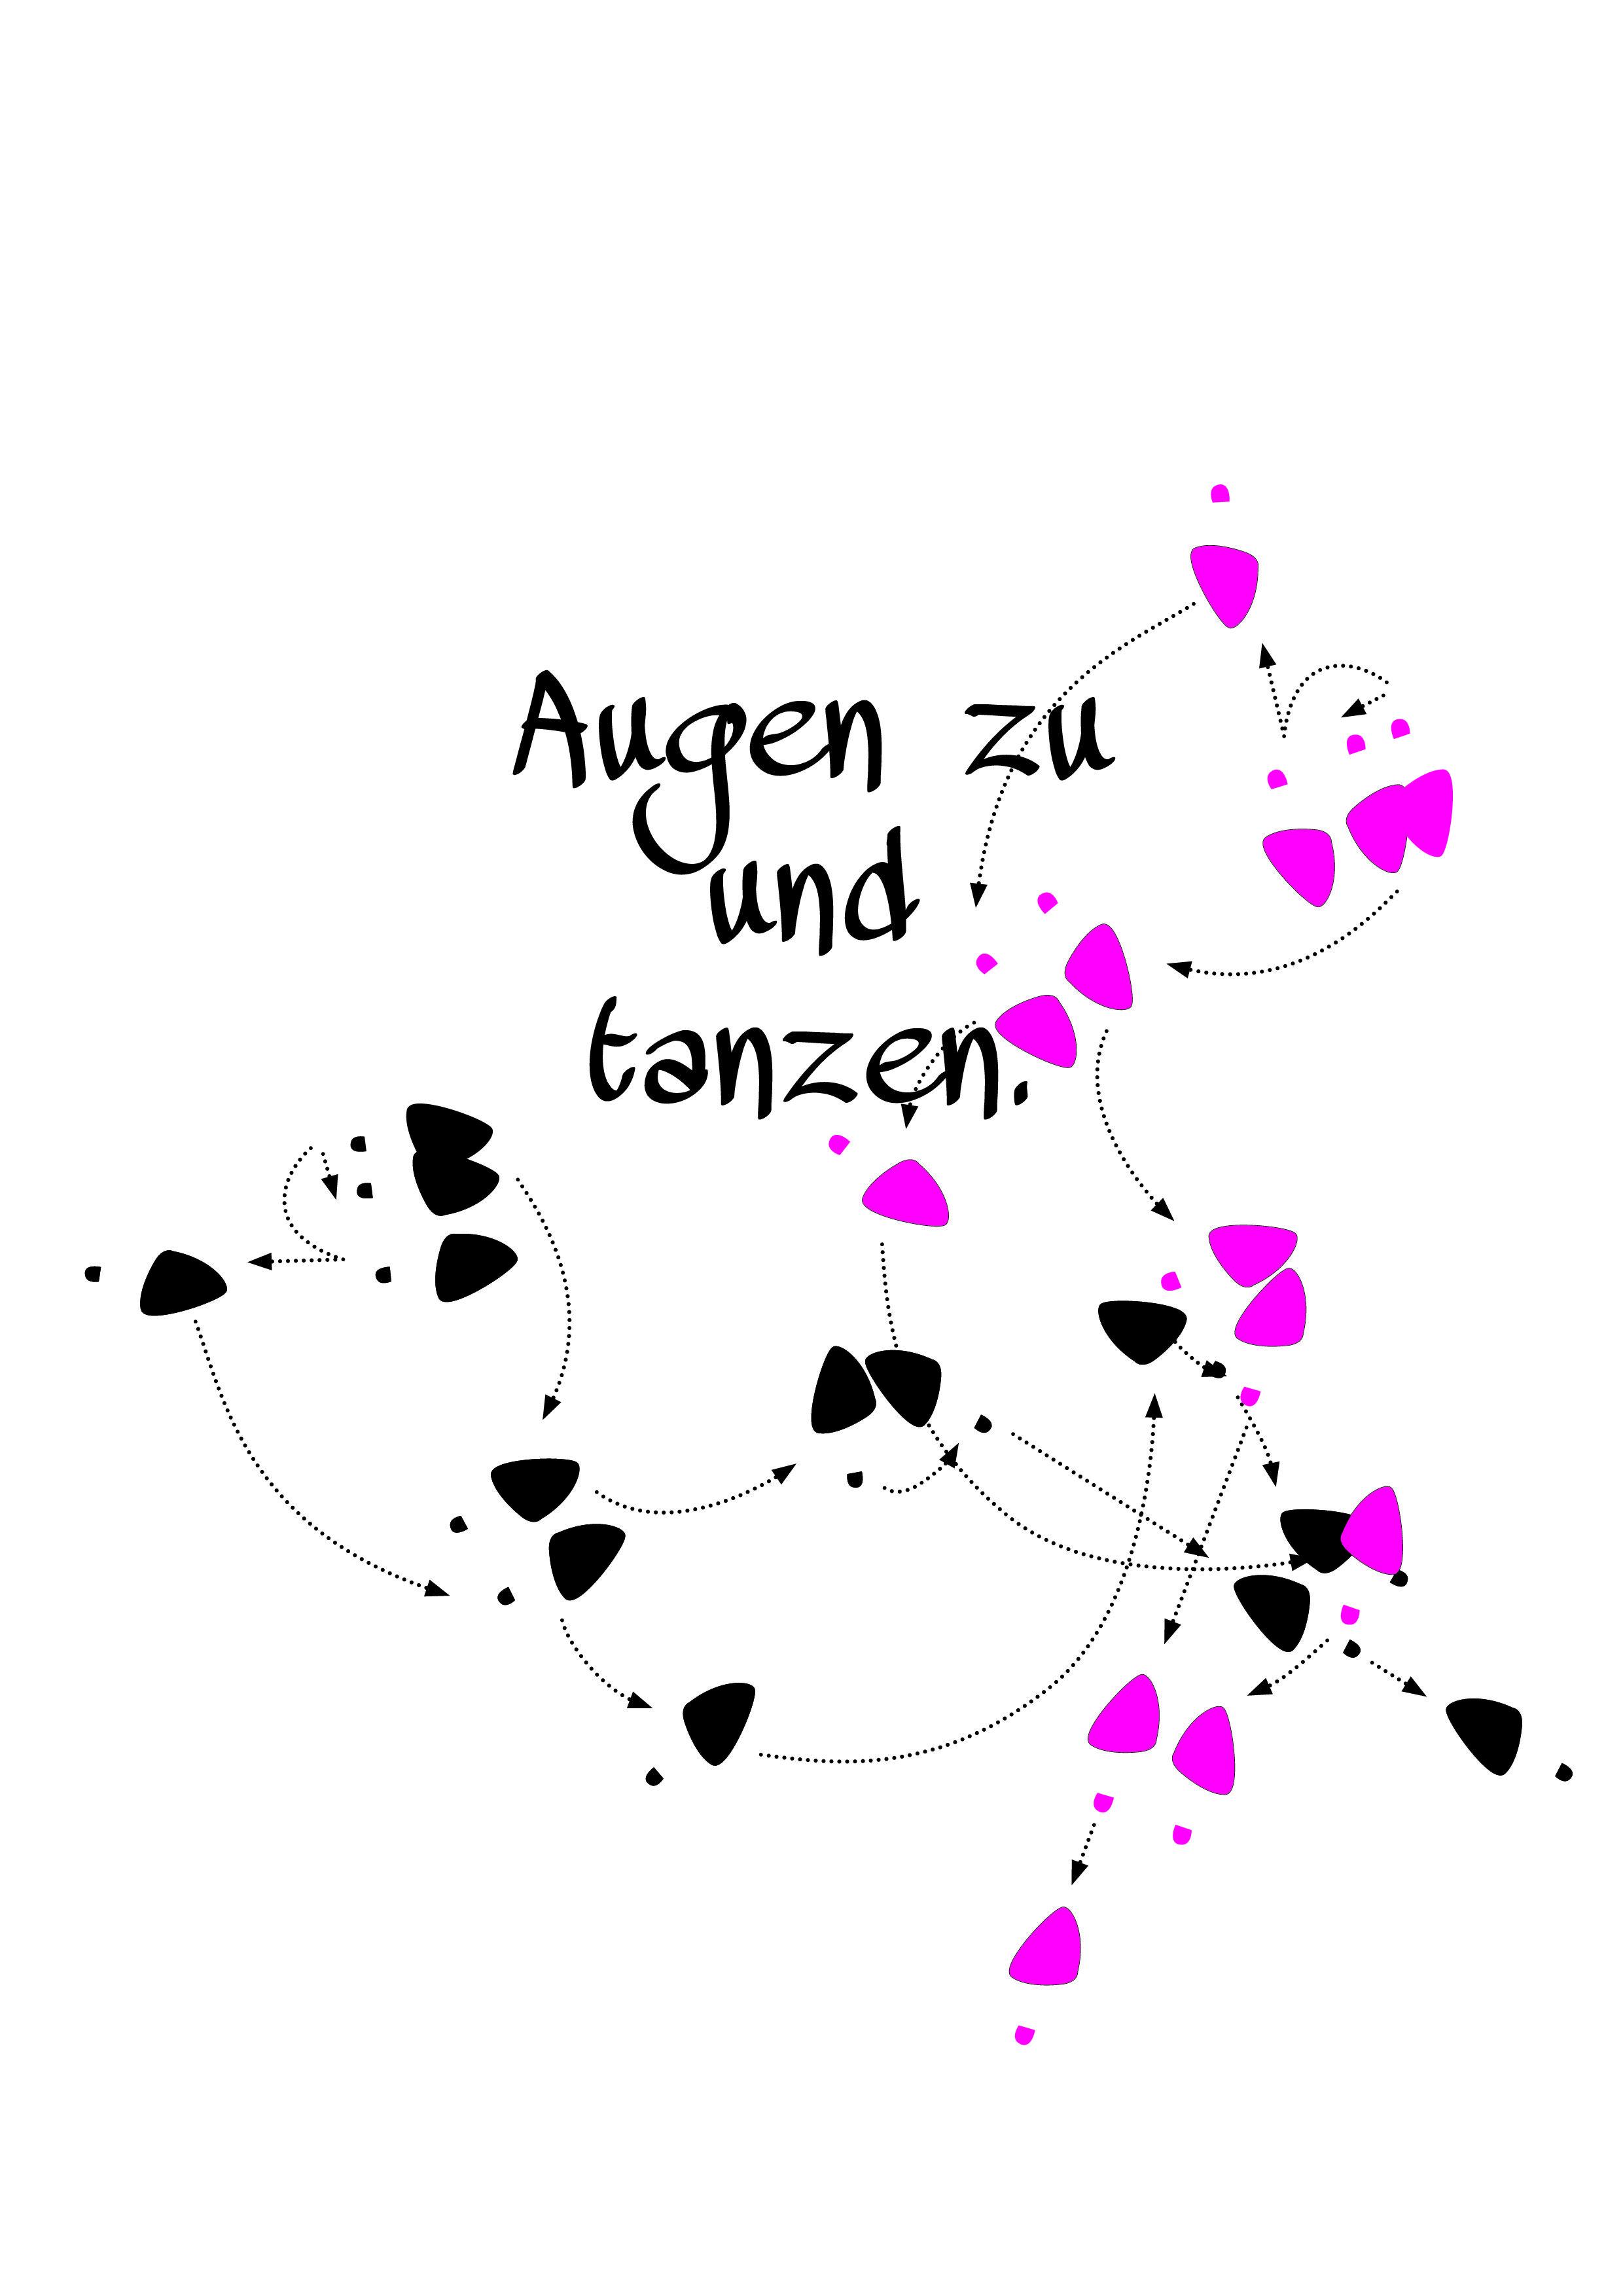 Augen zu und tanzen weisheiten auf deutsch pinterest - Tanzen spruch ...